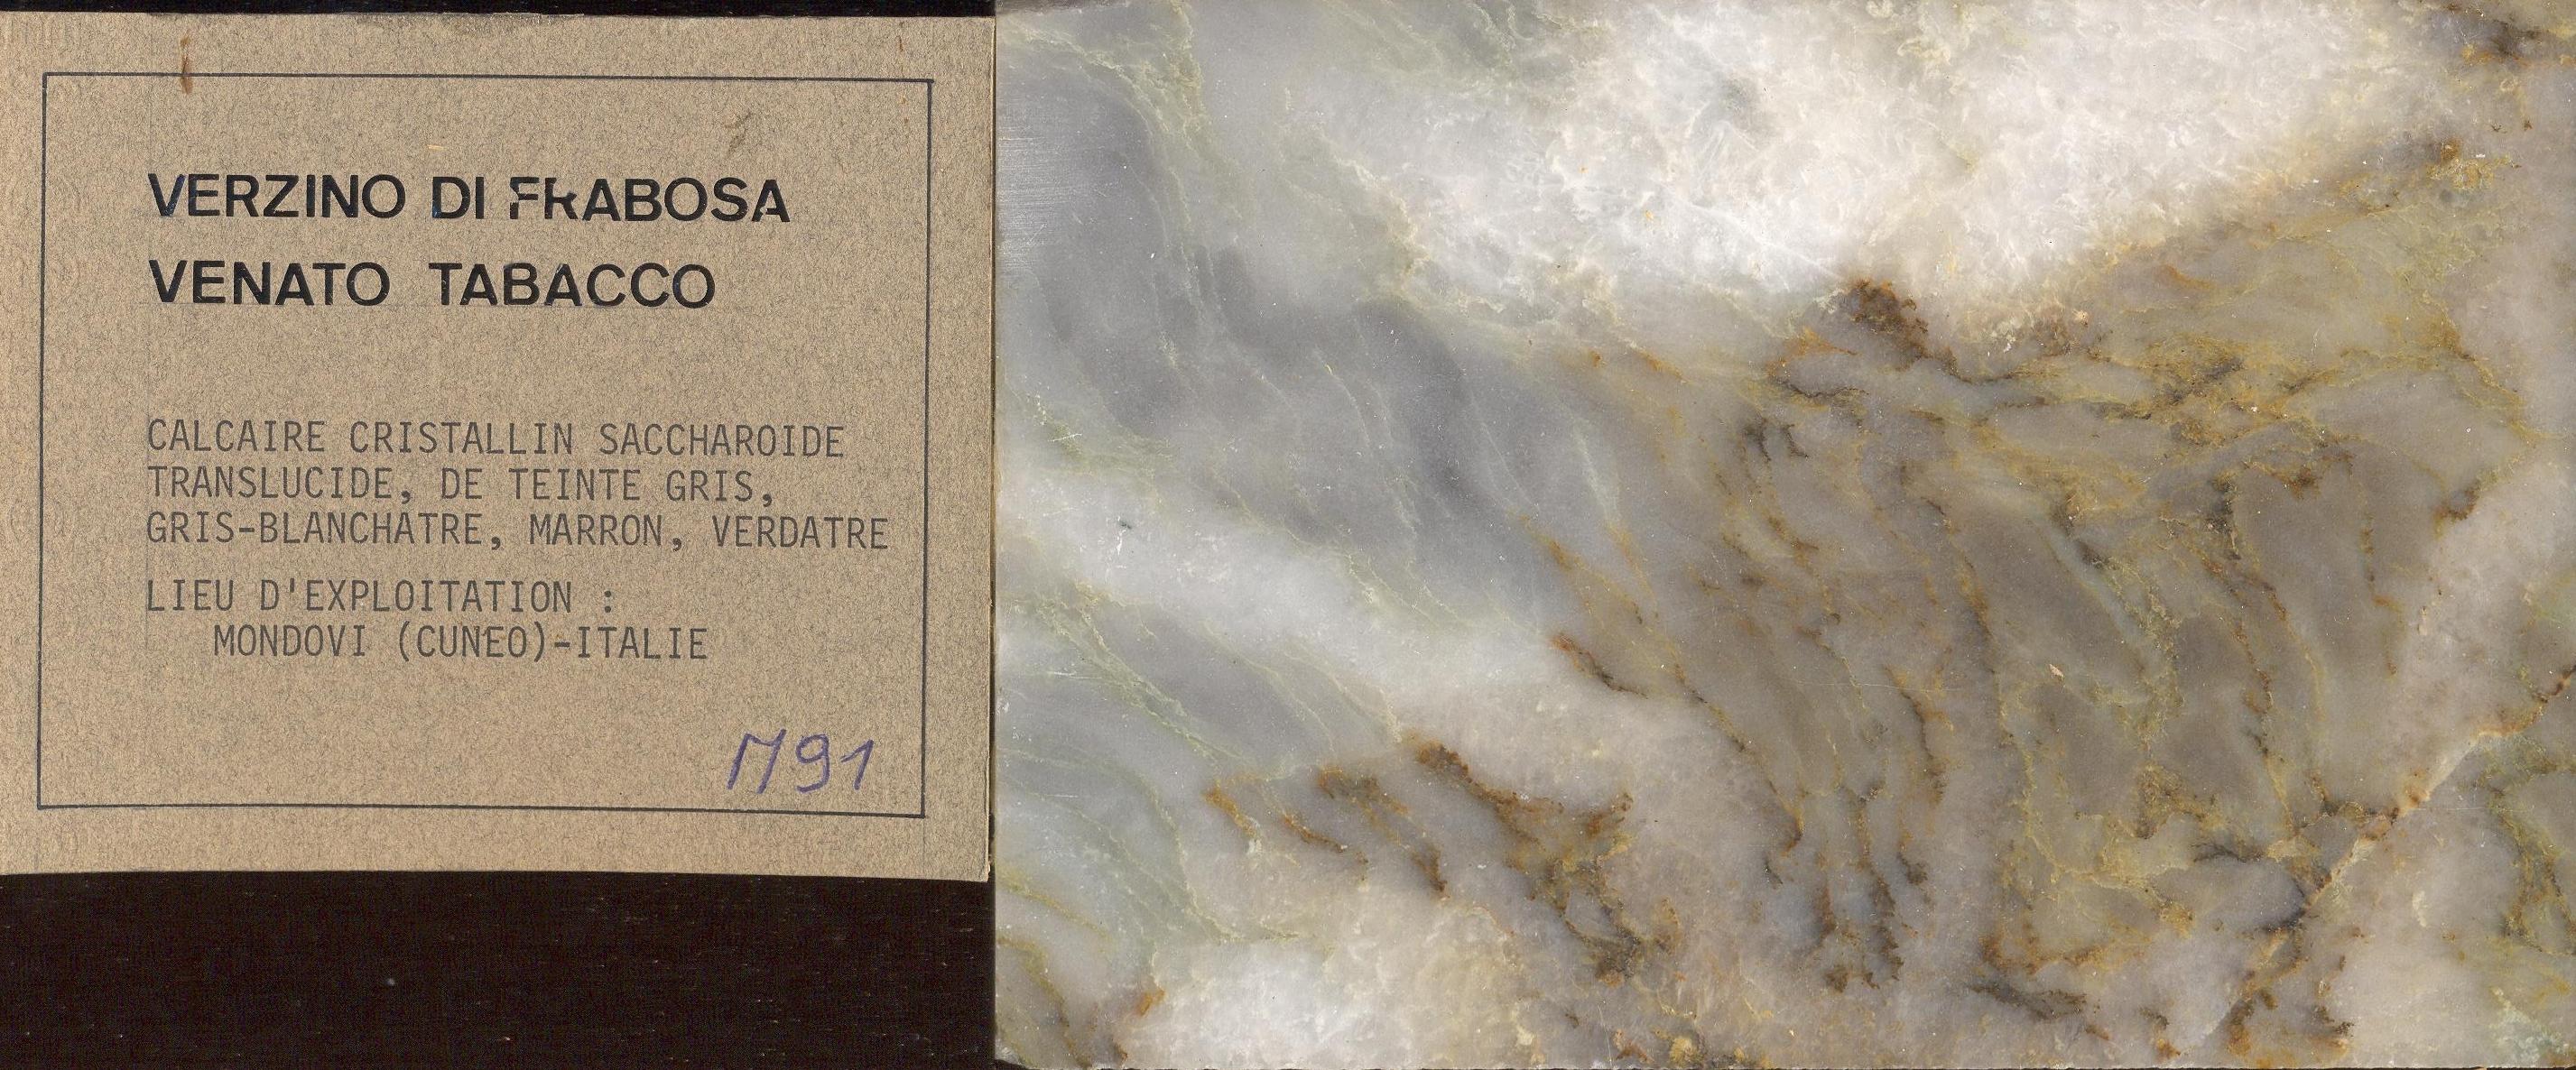 Verzino Di Frabosa Venato Tabacco M091